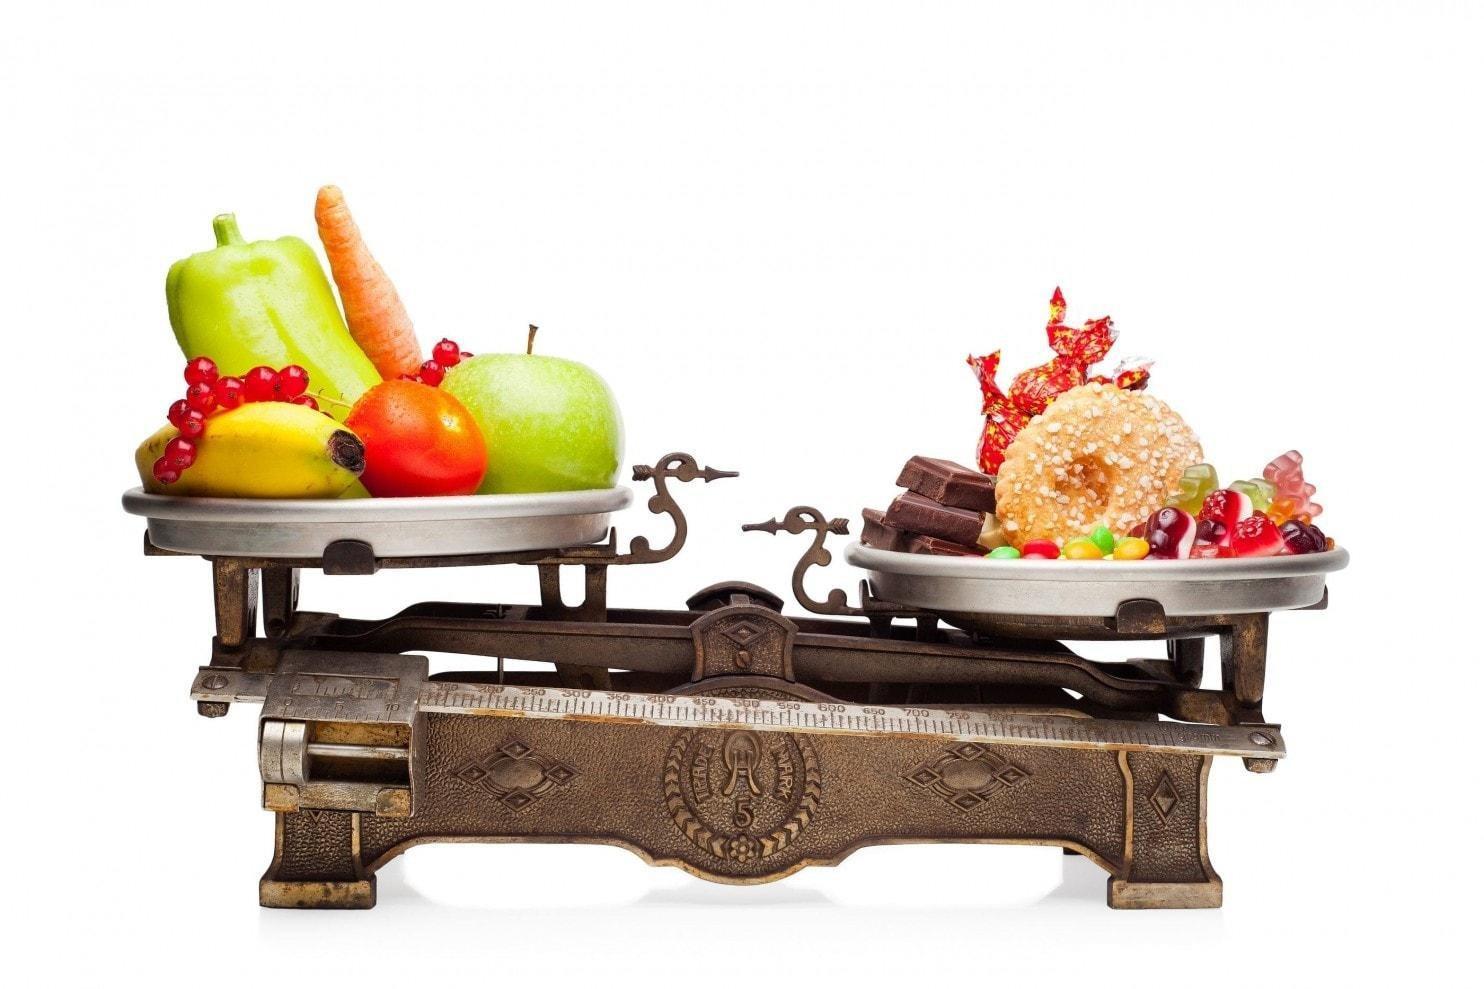 Q&a: I Have Prediabetes. What Should I Eat?